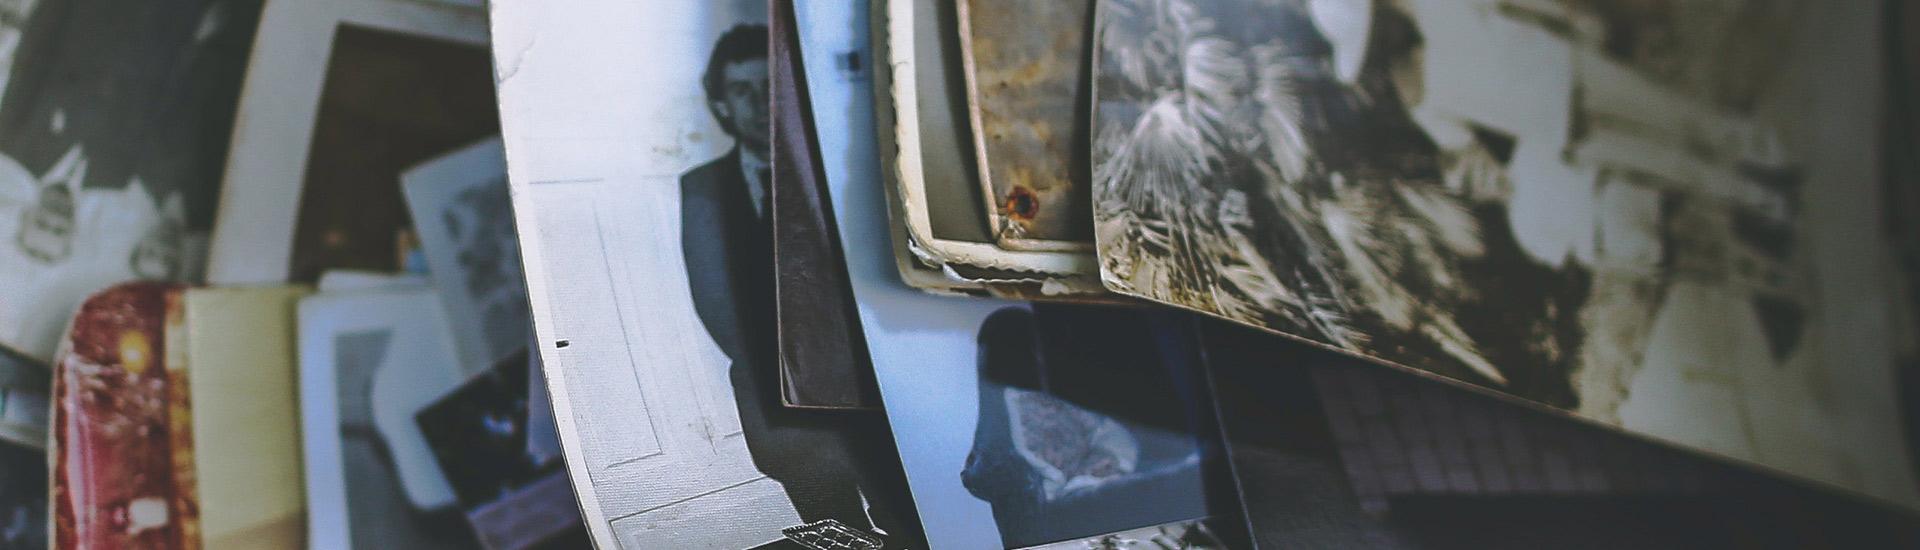 Tekkies Aktiwiteit – 13 Julie 2020: Covid-19 Familie Album